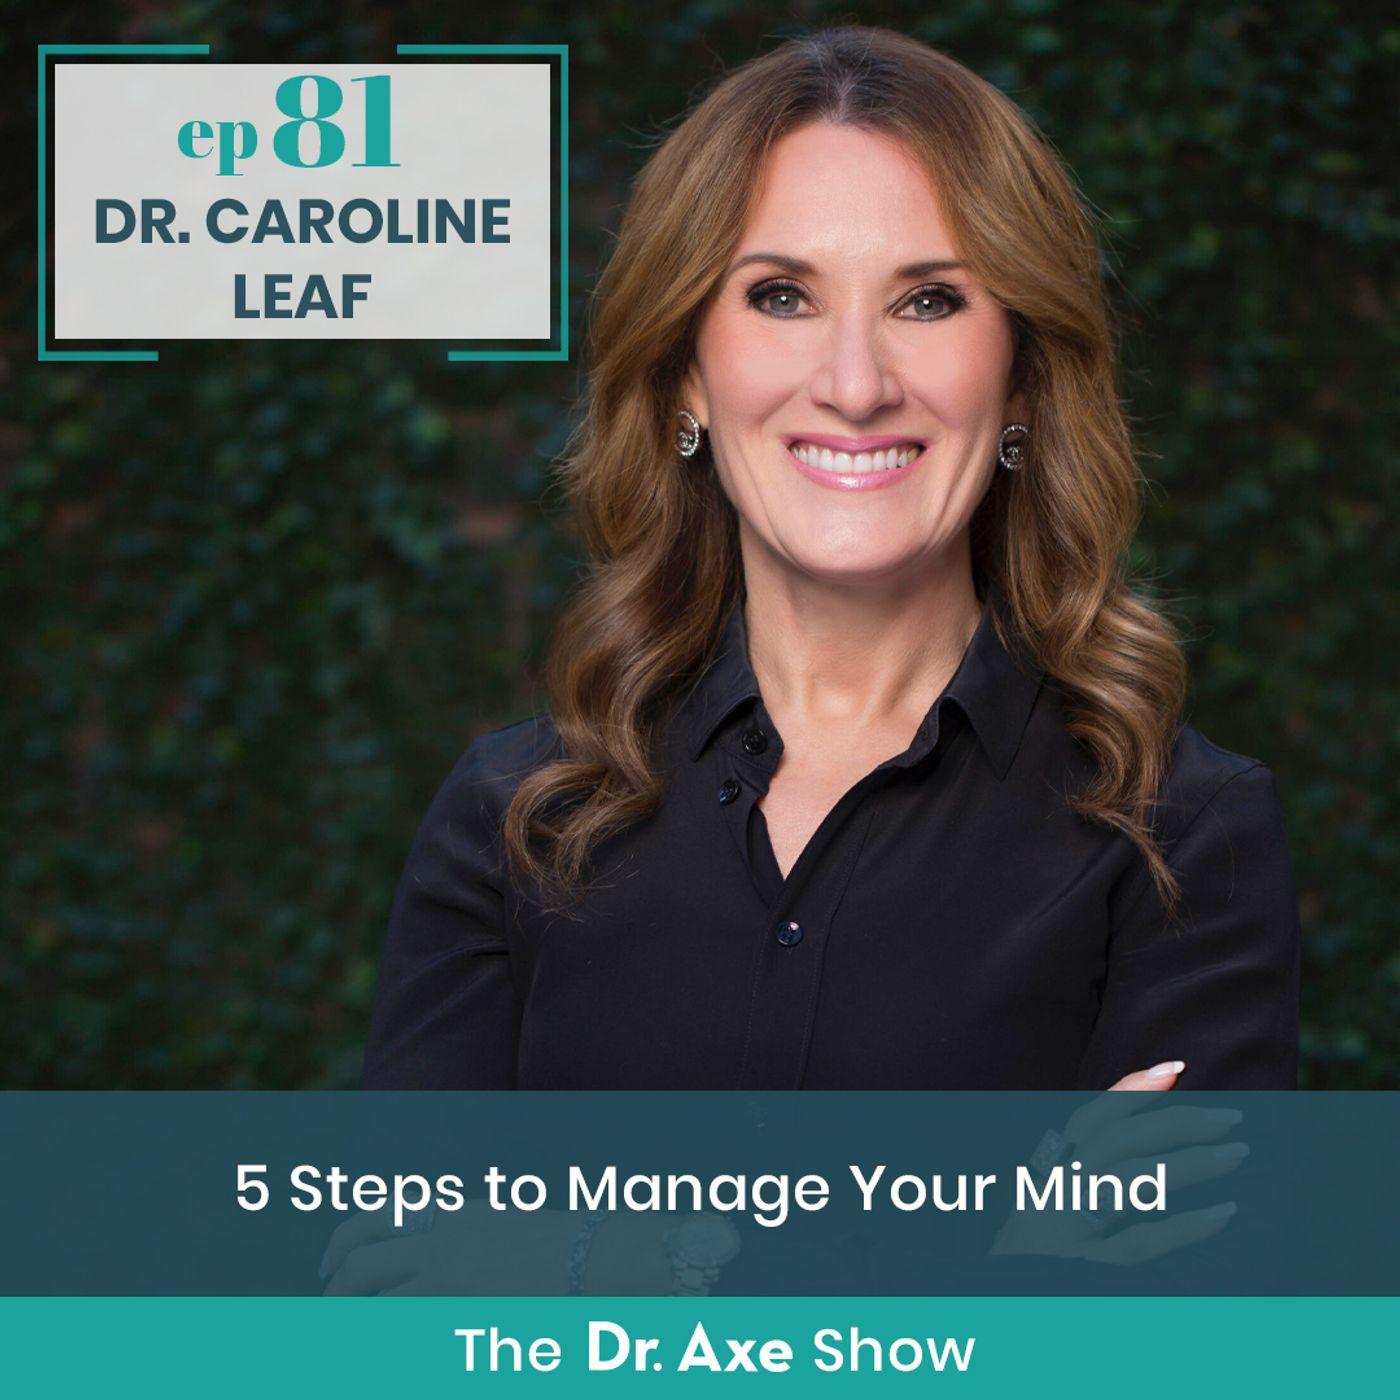 Dr. Caroline Leaf: 5 Steps to Manage Your Mind